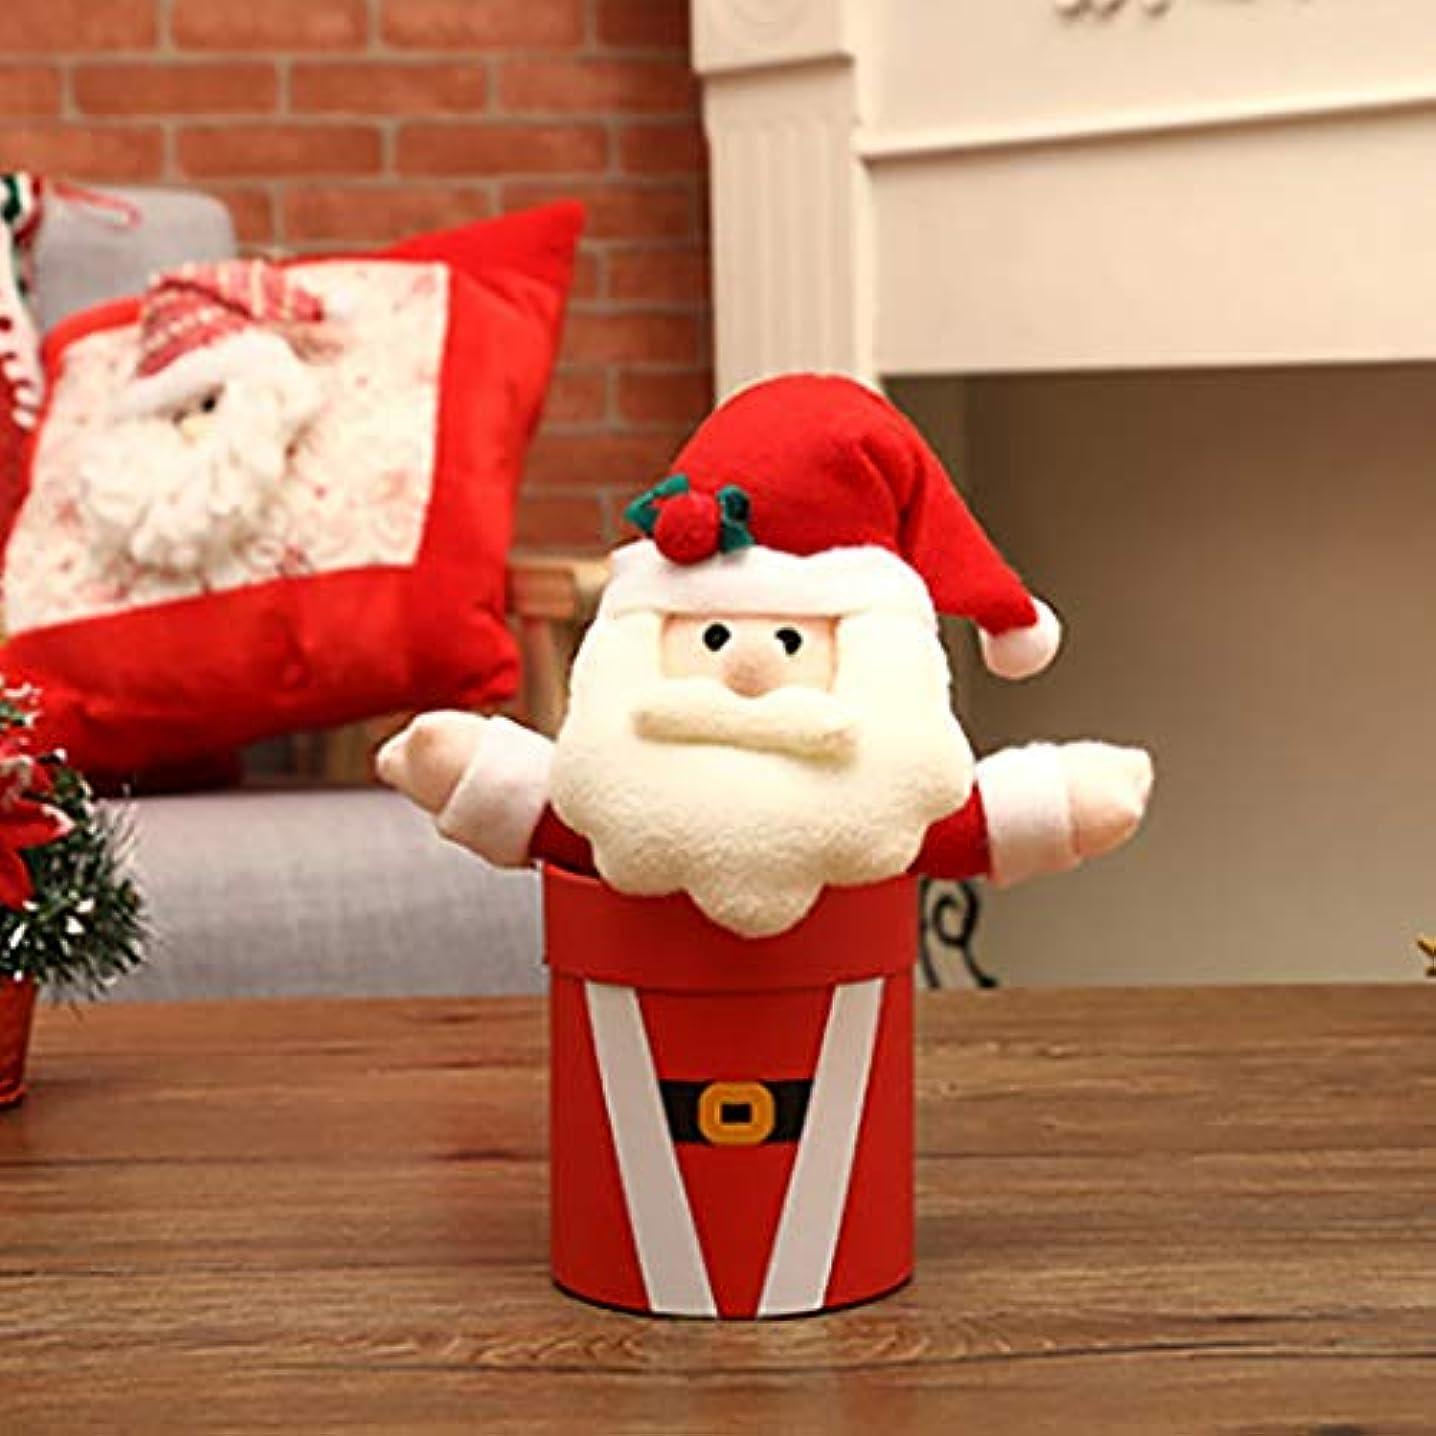 ストラトフォードオンエイボン年金受給者全滅させるクリスマスギフトボックスキャンディボックスのクリスマスイブパーティーギフトボックスクリスマスパーティーギフトボックス雪だるま、サンタクロース結婚式クリスマスパーティーギフト (Color : B)